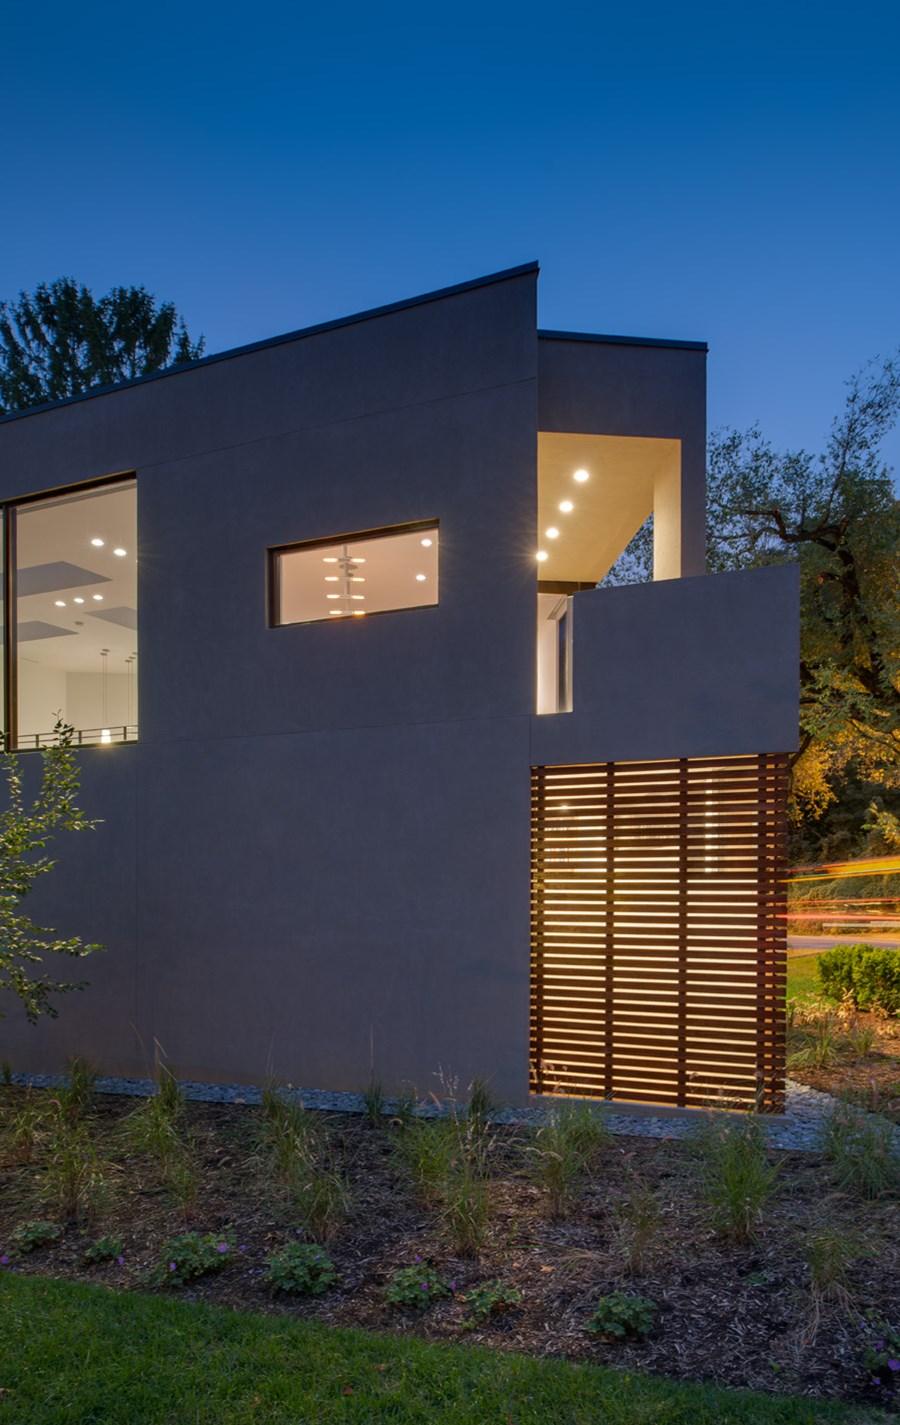 Komai by Robert M. Gurney, FAIA Architect